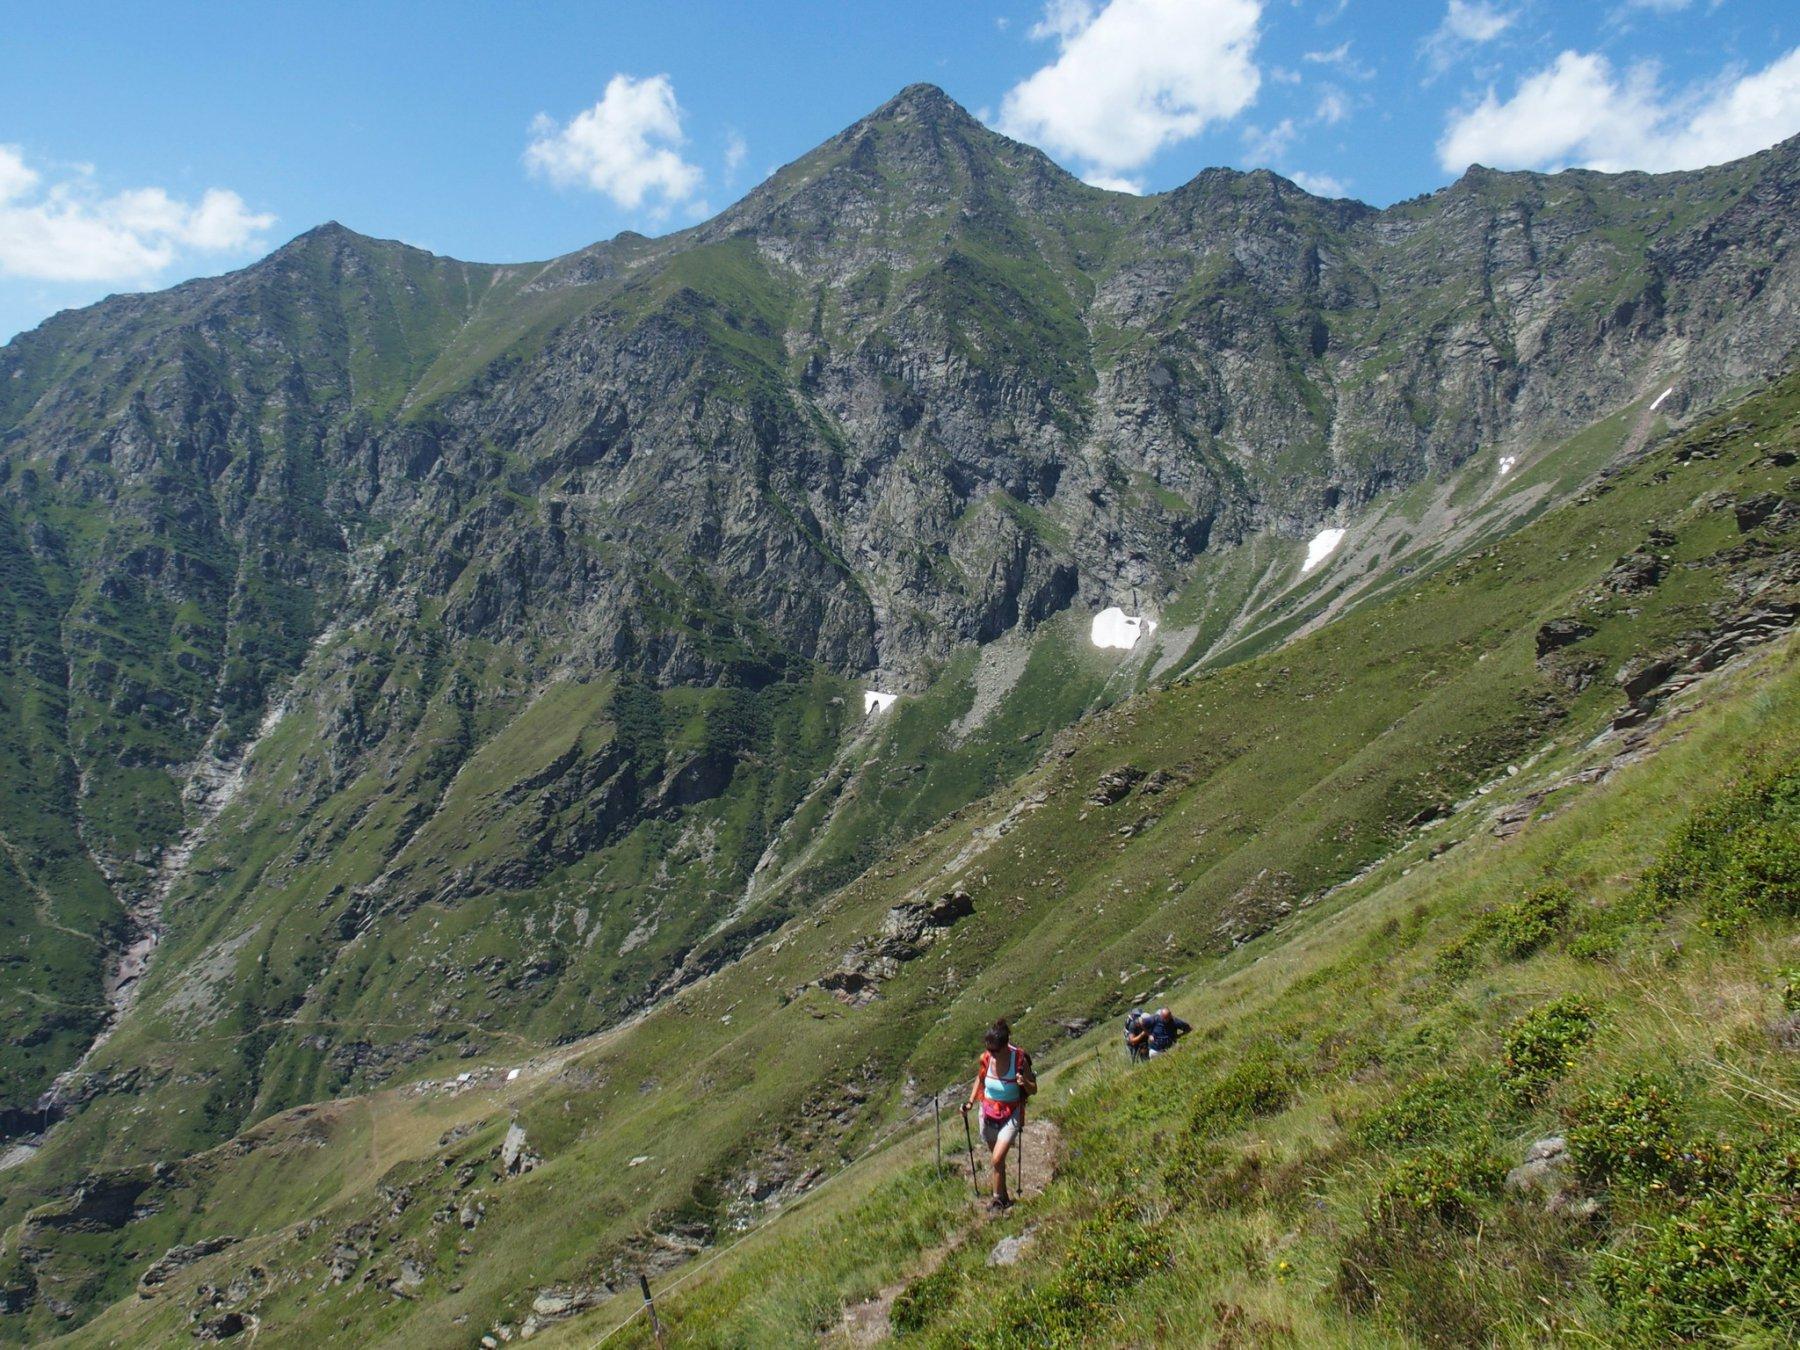 Il traverso che porta all'Alpe Caugis, sullo sfondo la Cima Cornour